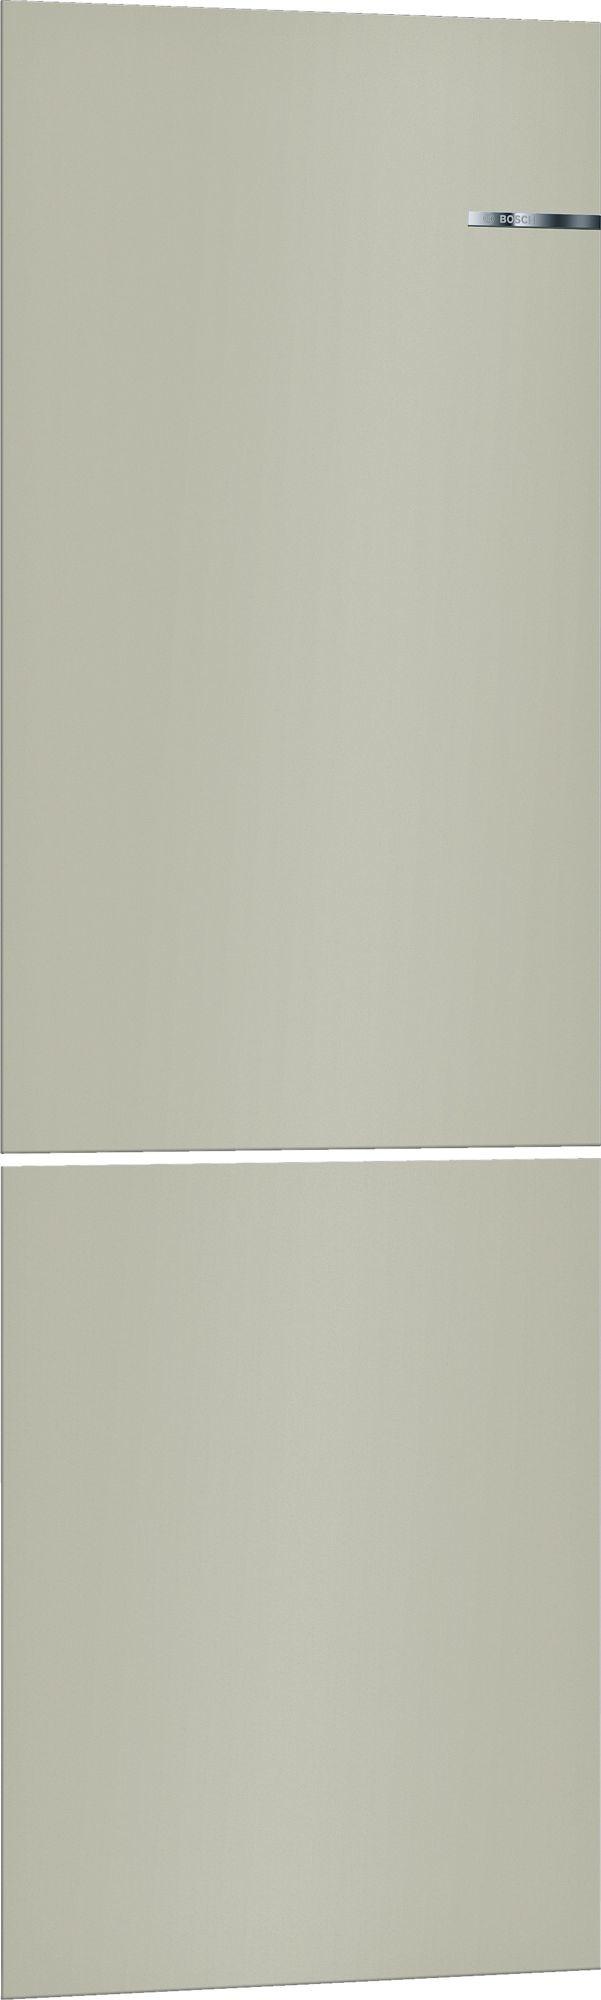 puertas combi bosch ksz1bvk00 gris claro